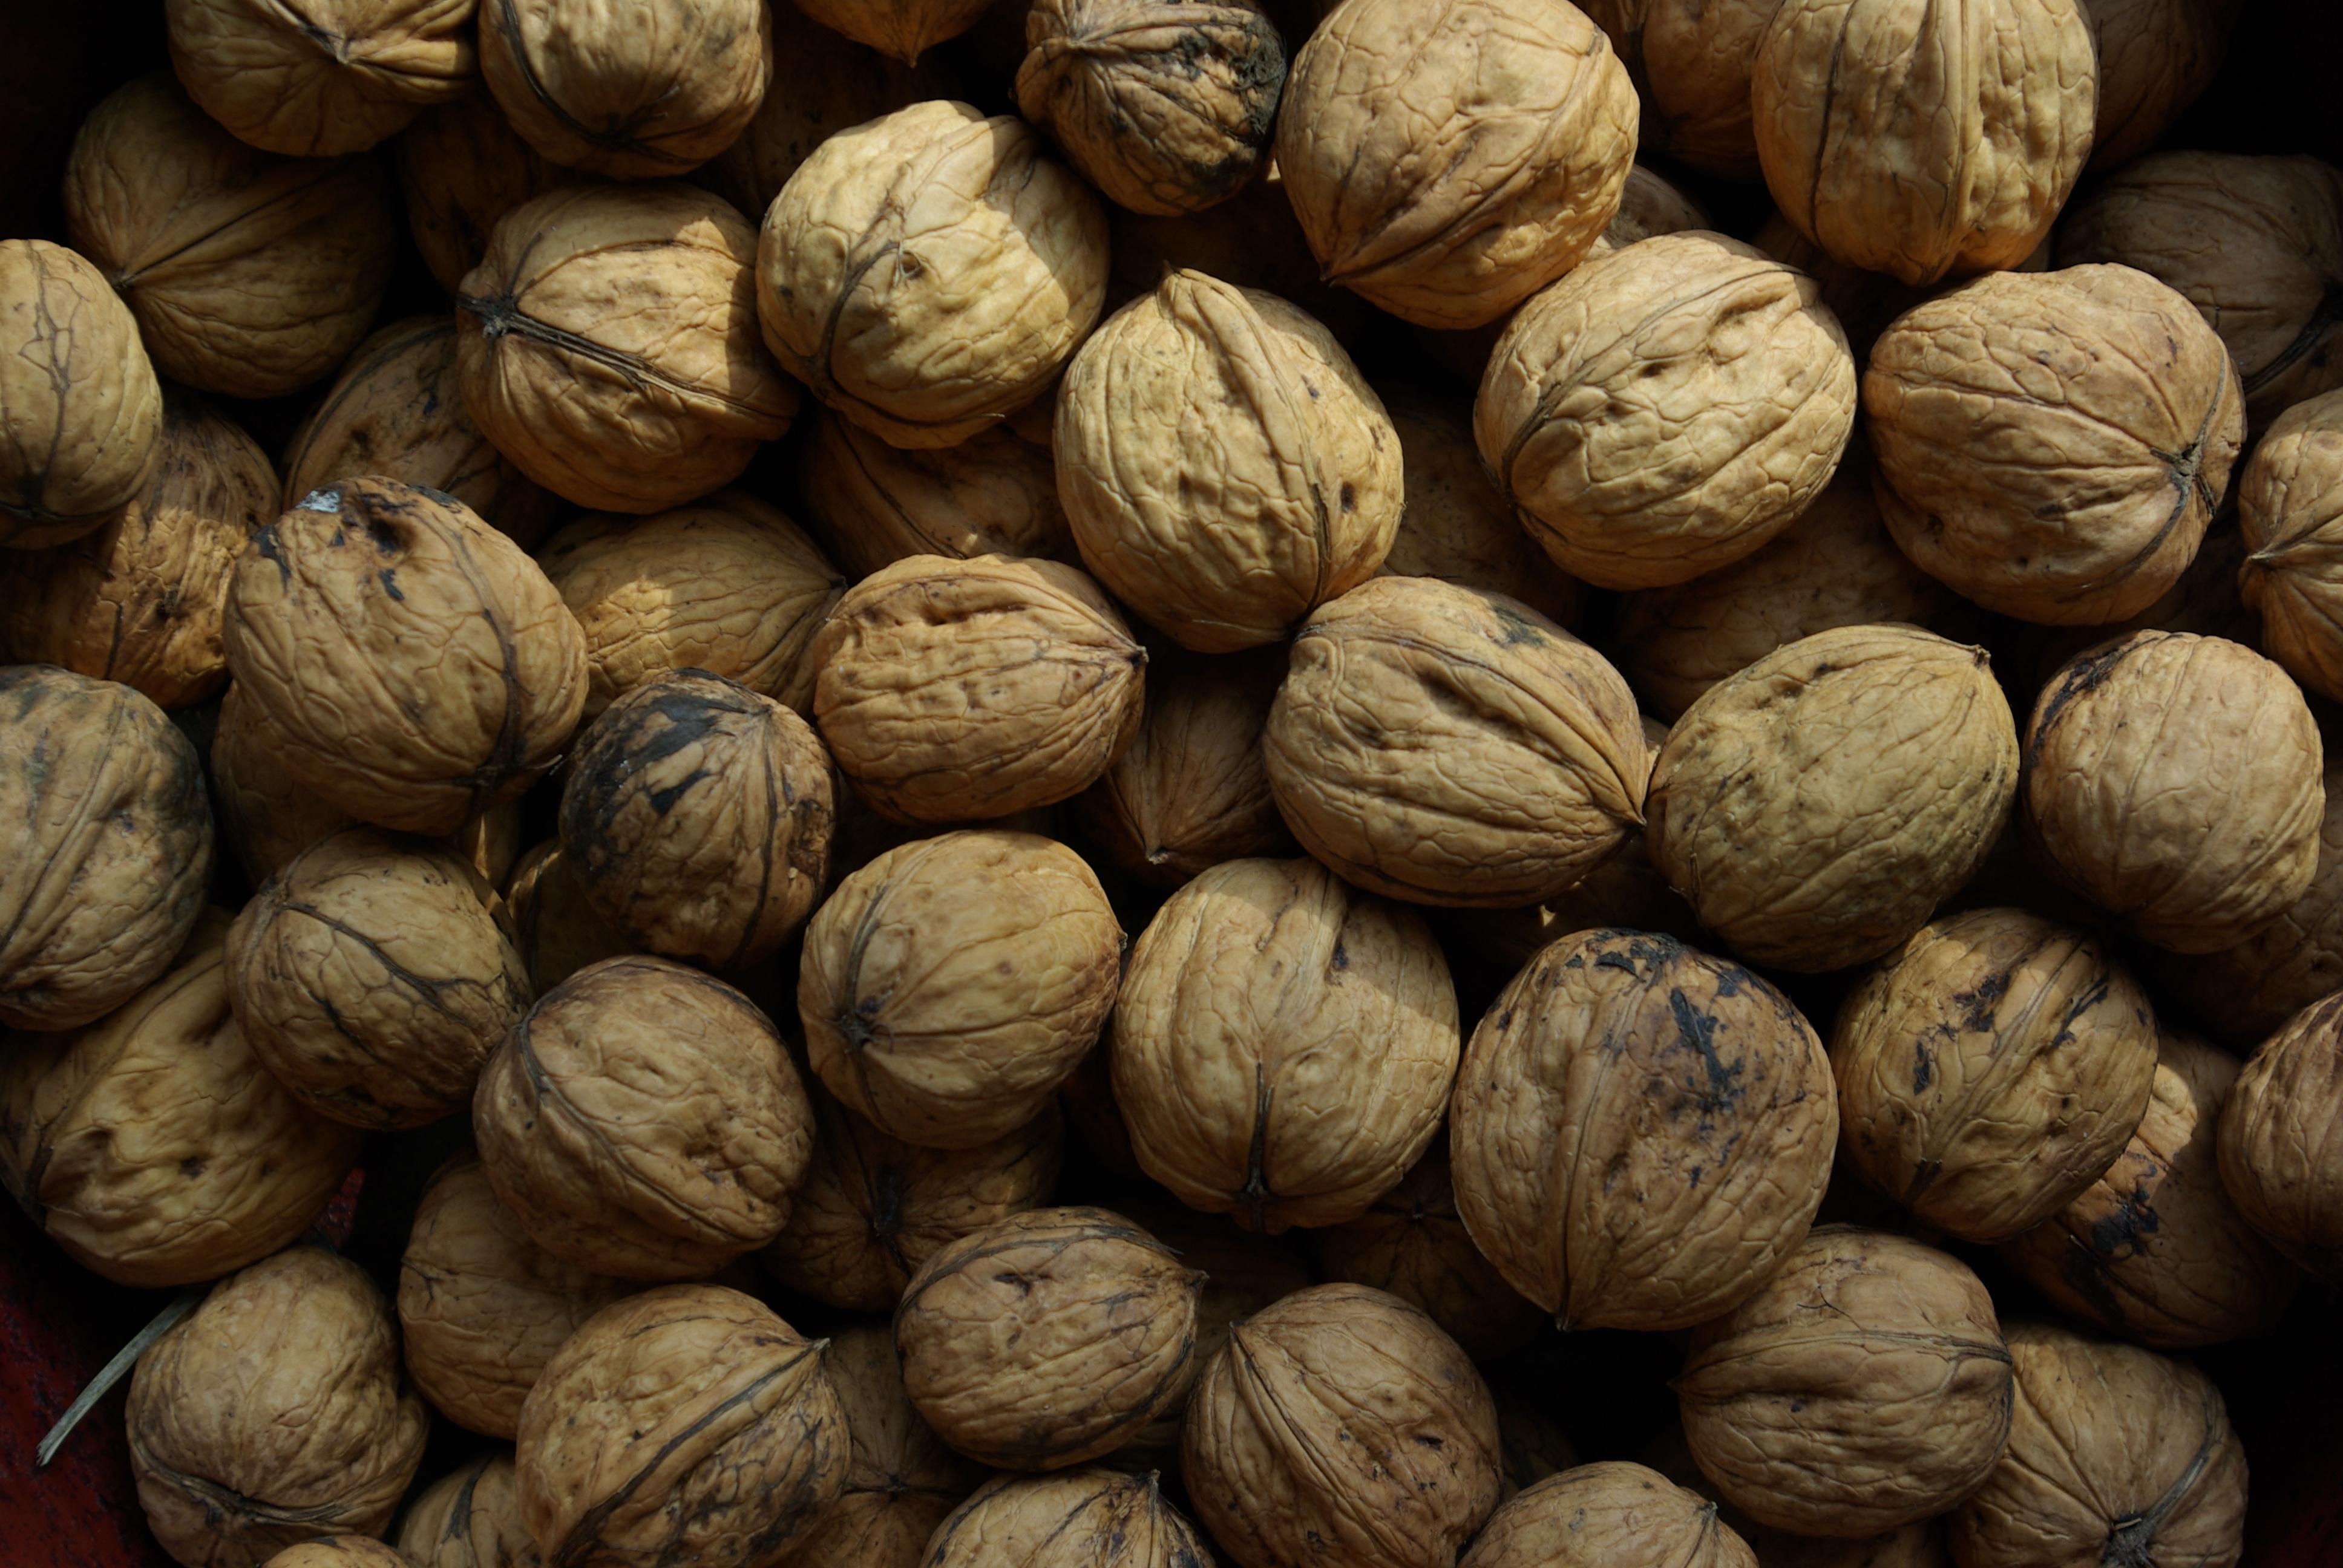 A la noix je dis tu dis il dit nous disons for Quand ramasser les noix